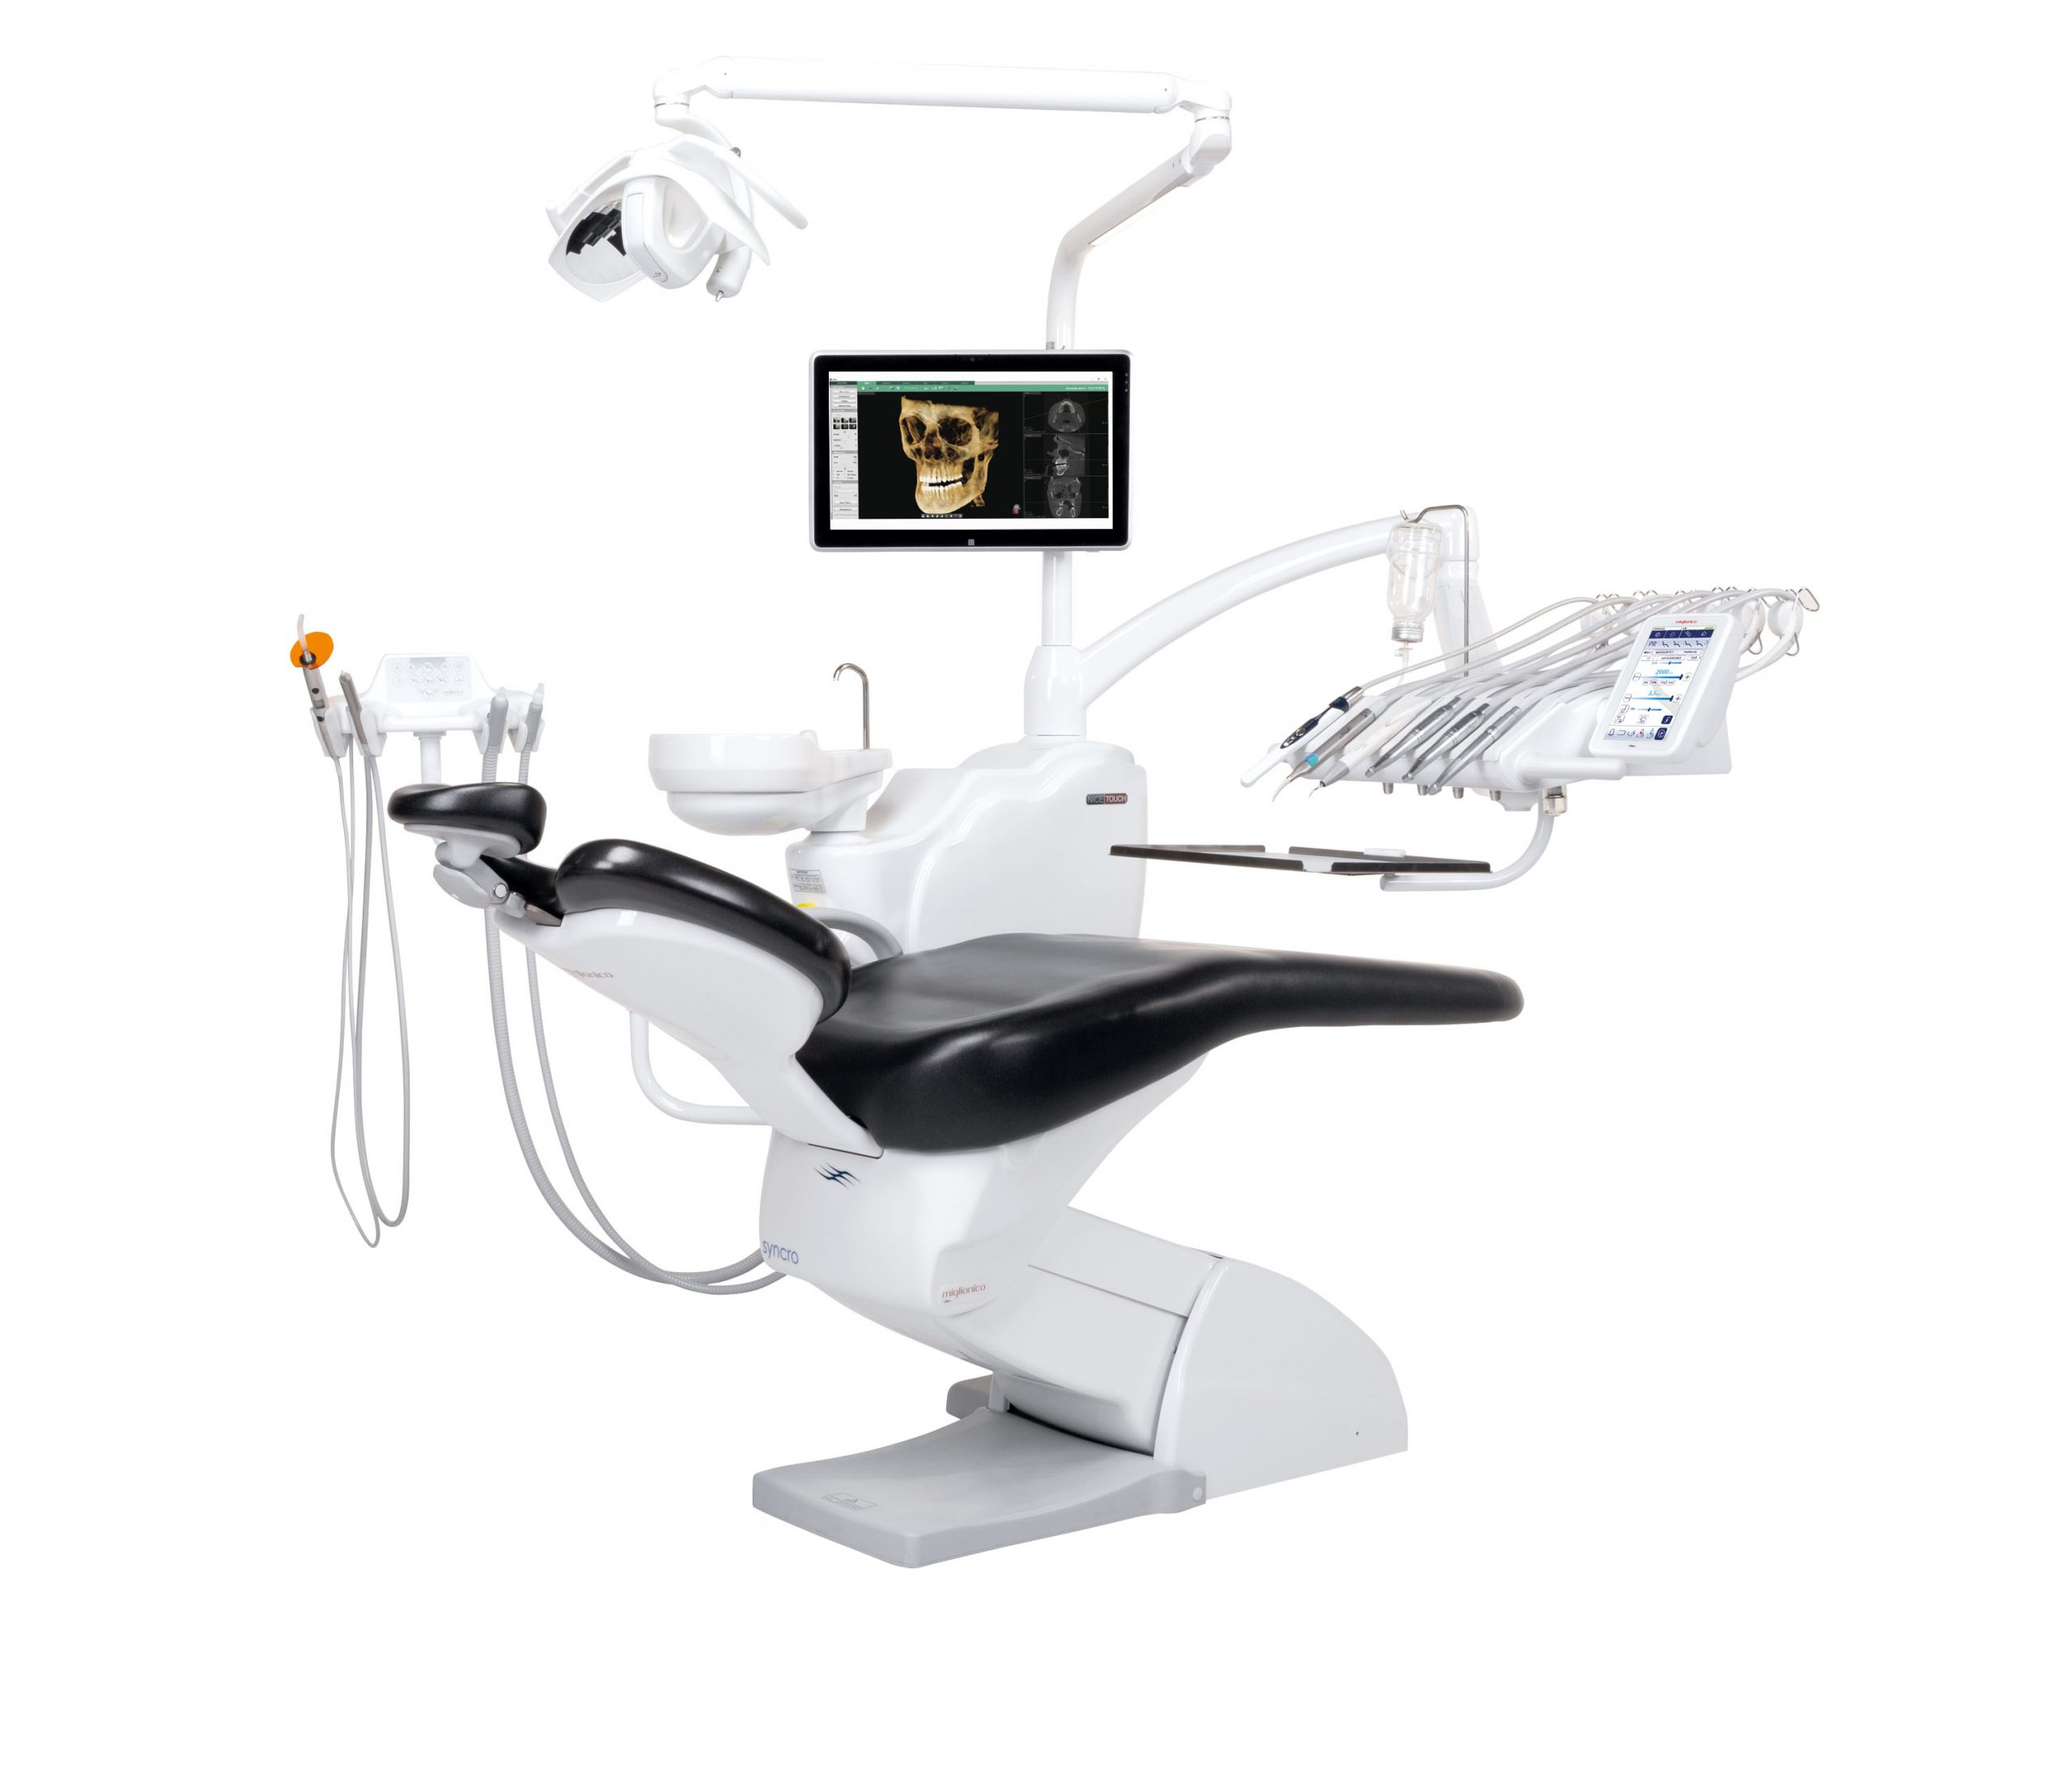 Sillón dental Nice touch 3D Miglionico